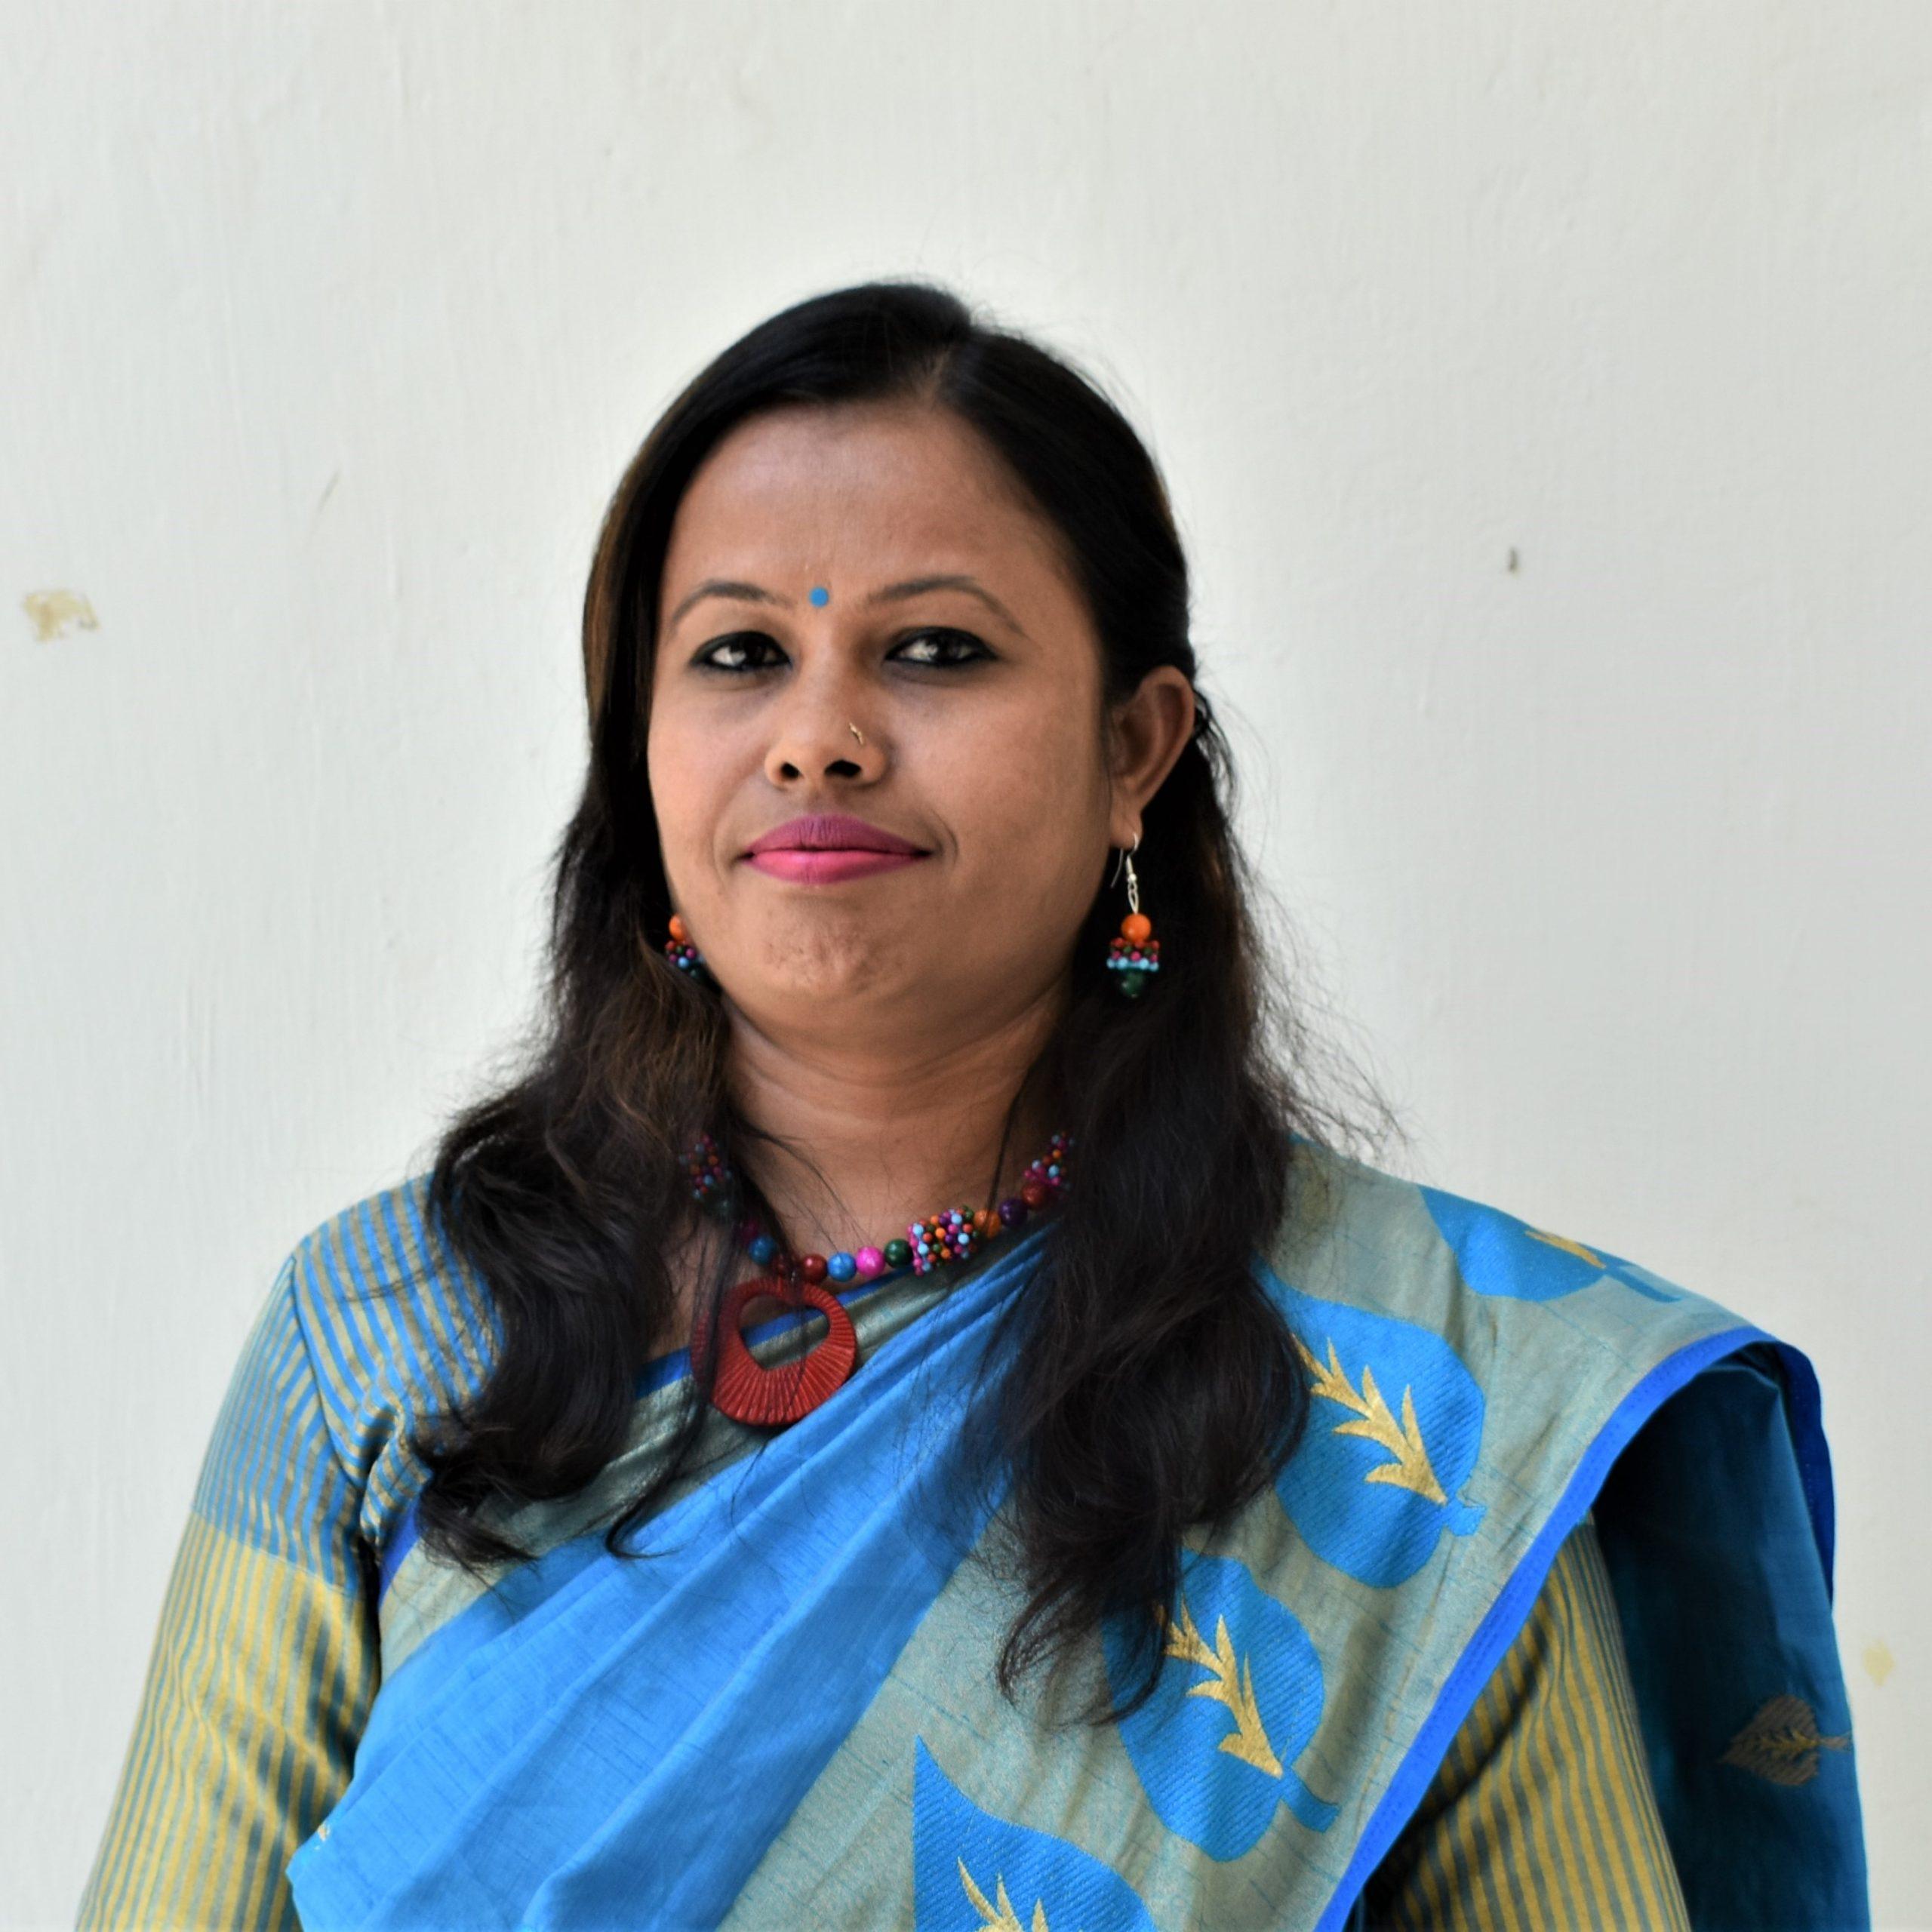 Ms. Manishabahen Sureshkumar Turi